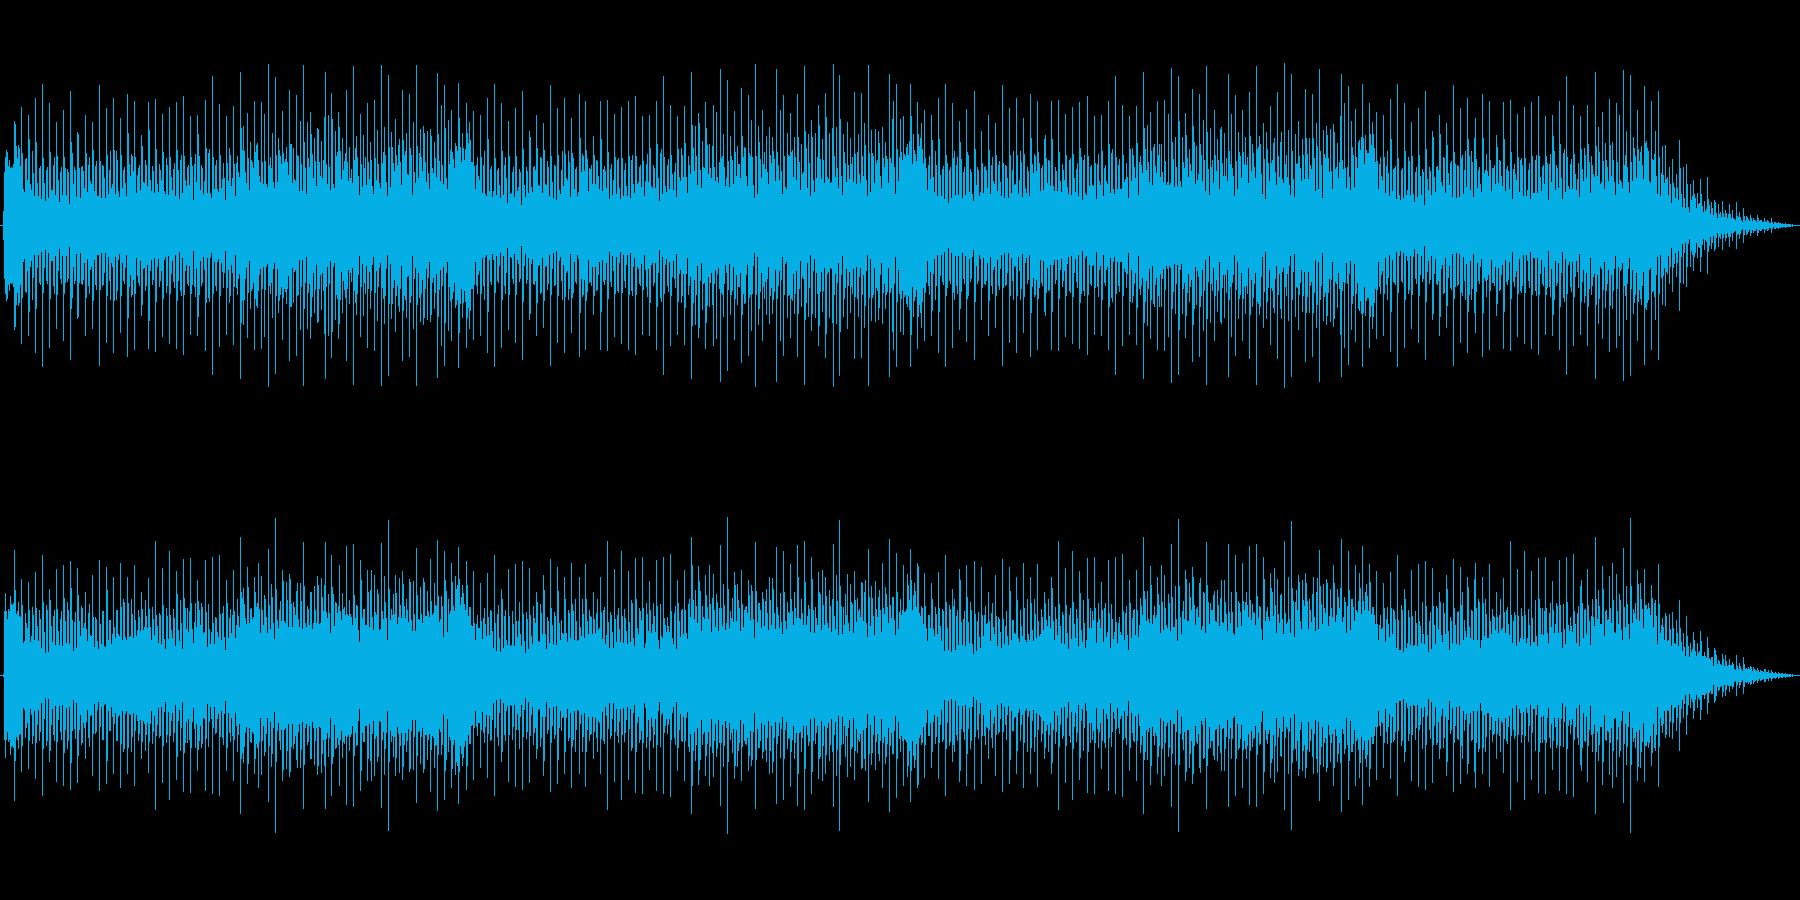 ニュースダイジェストの再生済みの波形